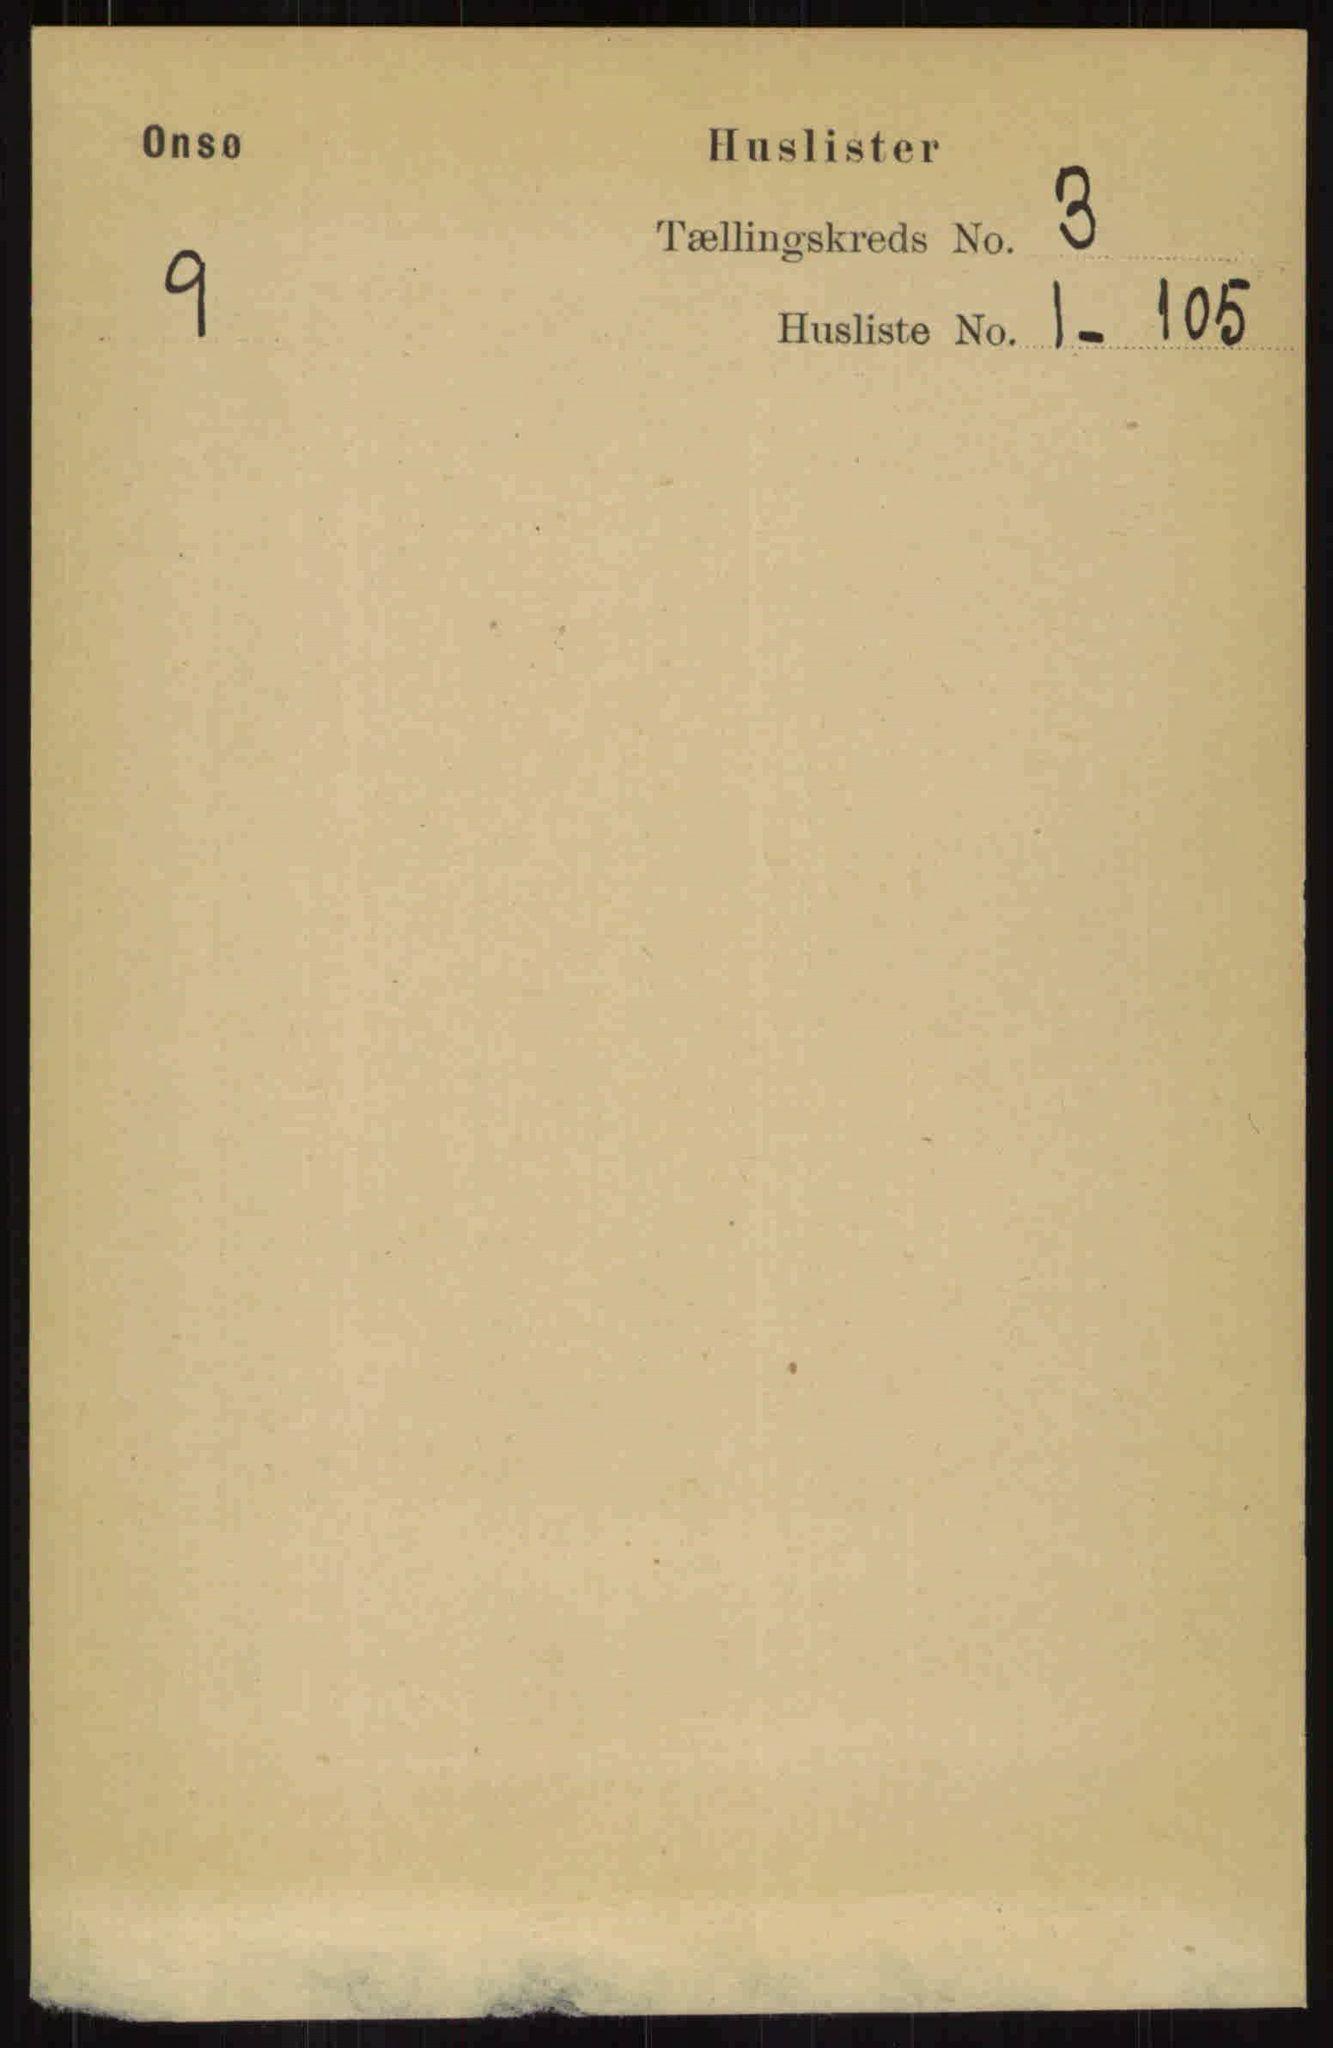 RA, Folketelling 1891 for 0134 Onsøy herred, 1891, s. 1495